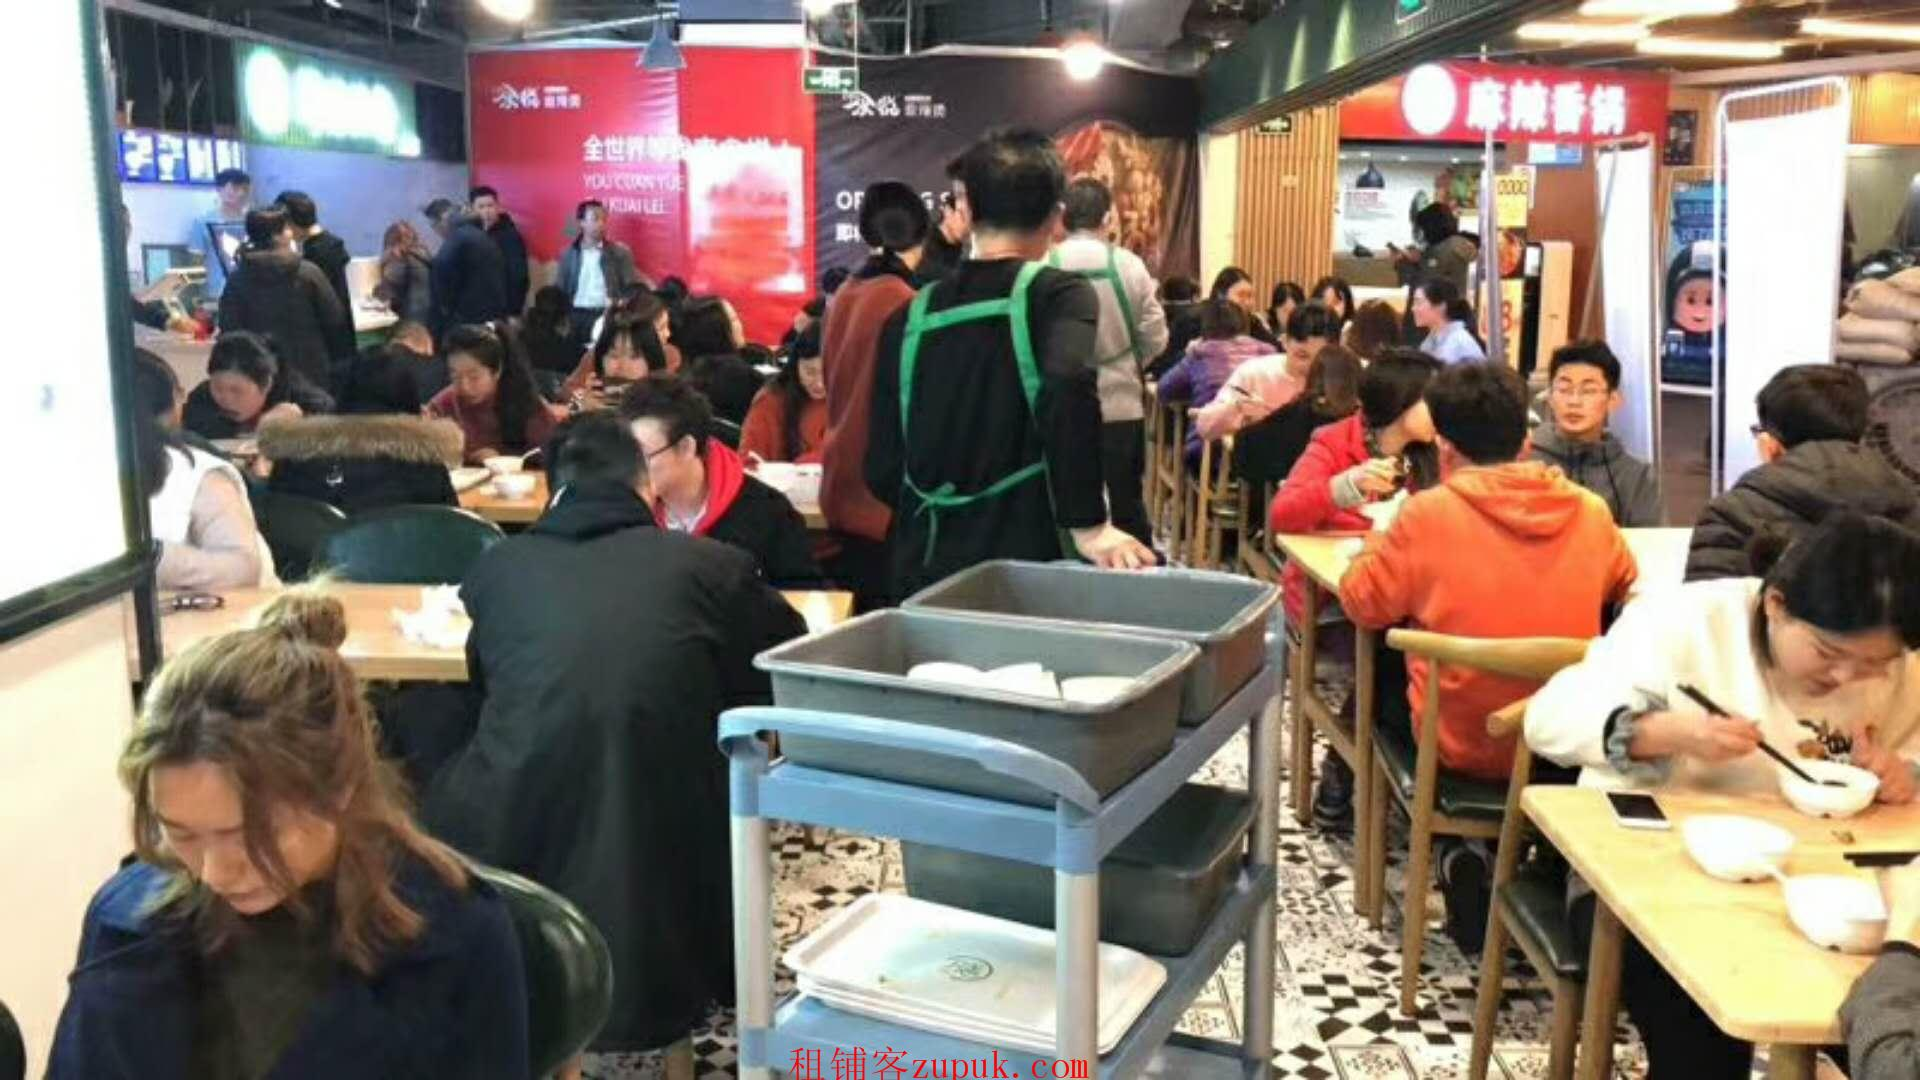 闵行区 七宝 沿街美食广场 营业中! 外卖量超大